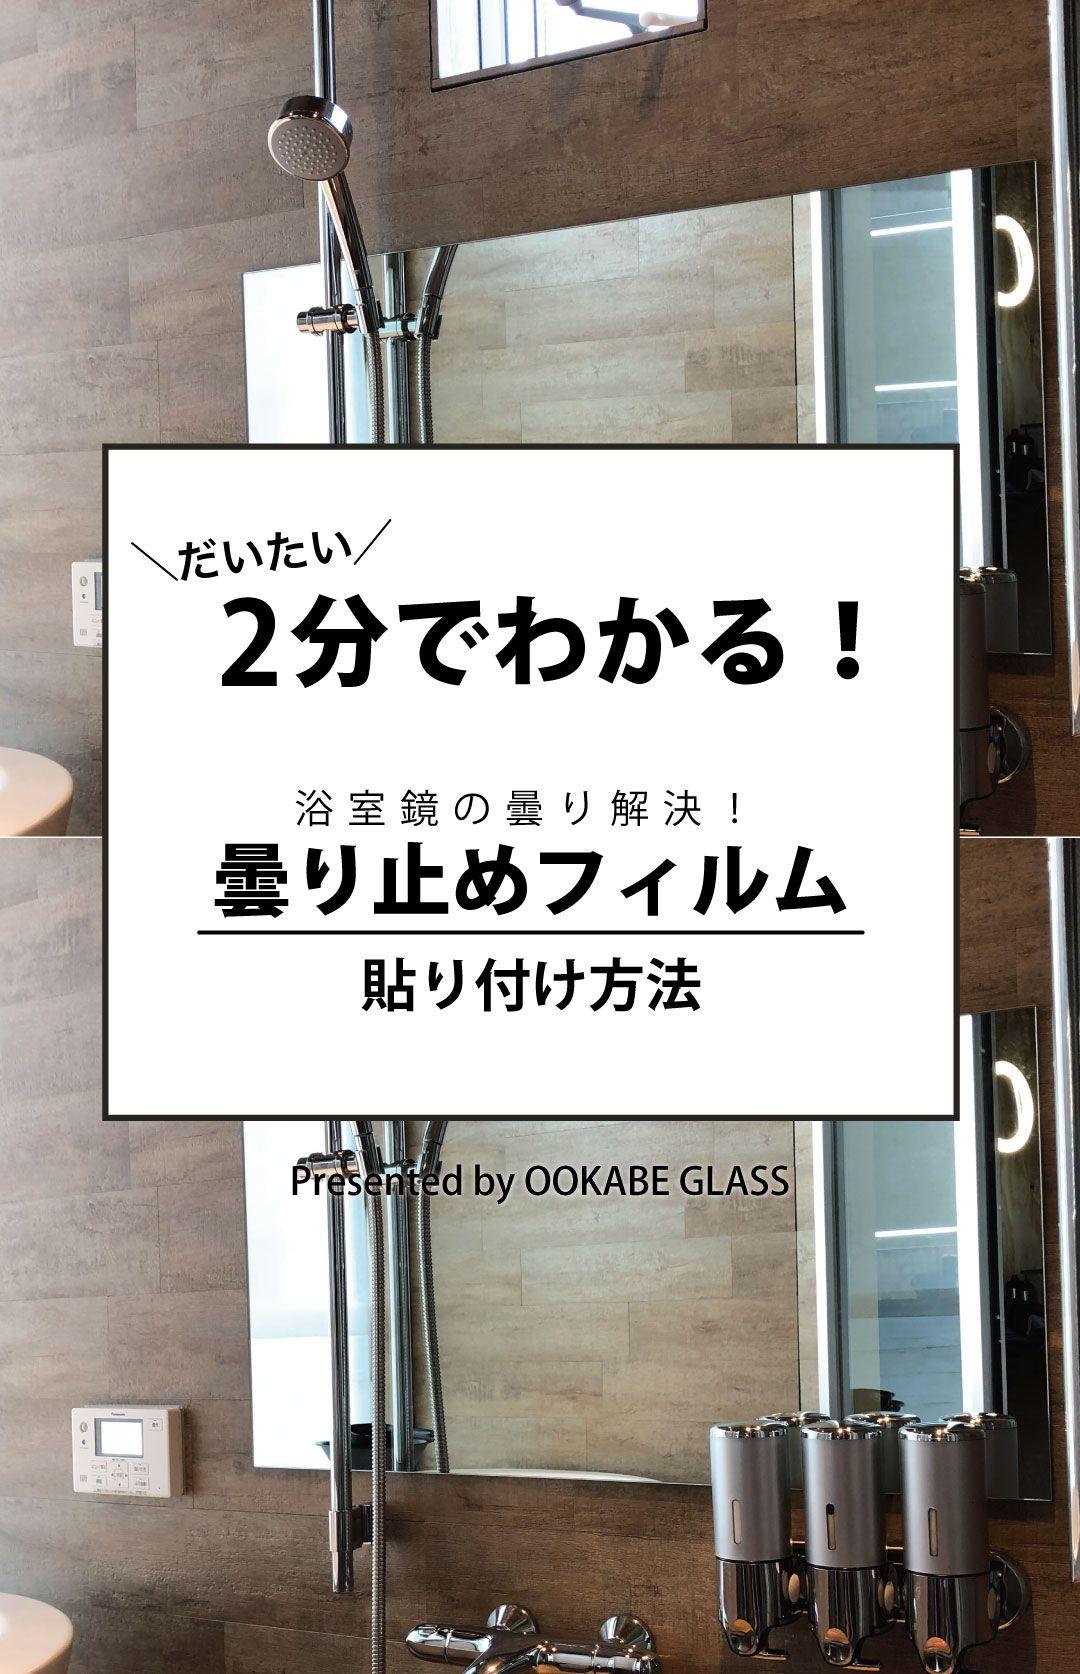 鏡のdiy講座 浴室鏡の曇り解決 曇り止めフィルム 貼り付け方法 In 2020